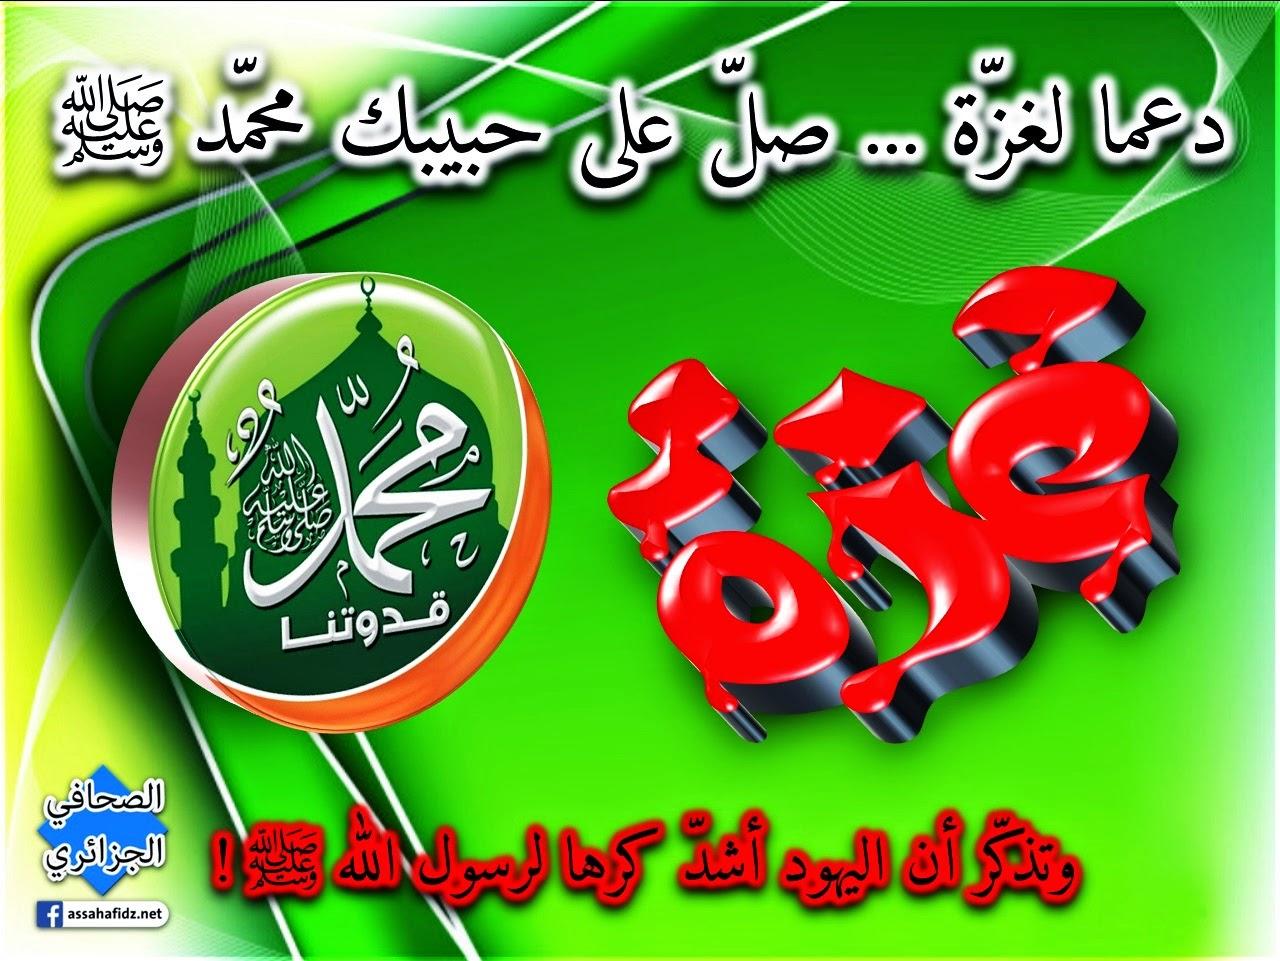 دعما لغزّة ... صلّ على حبيبك محمّد صلى الله عليه وسلم